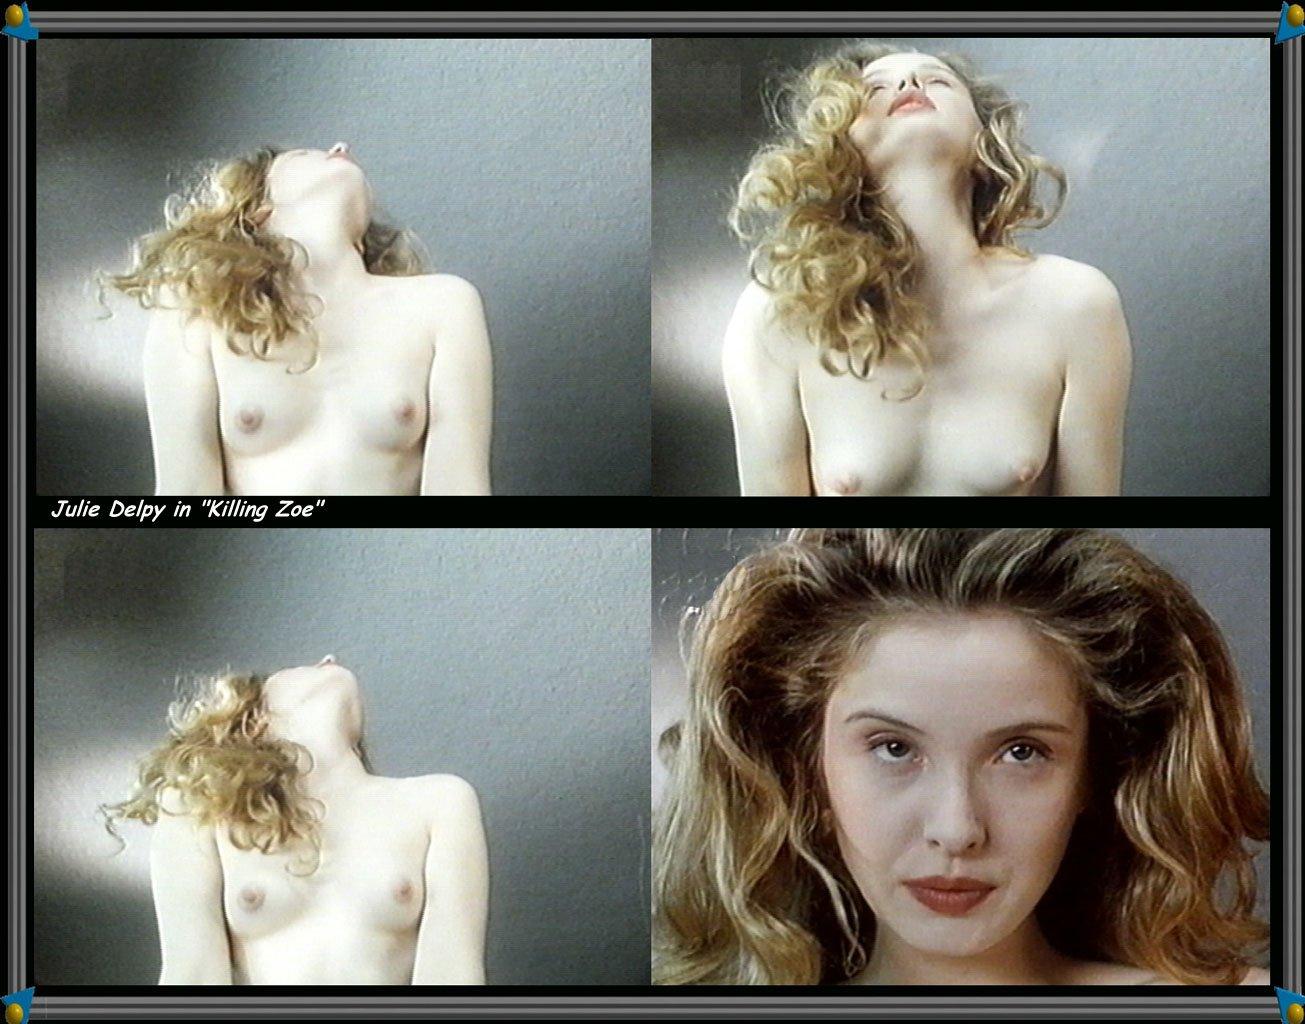 Julie Delpy Nackt